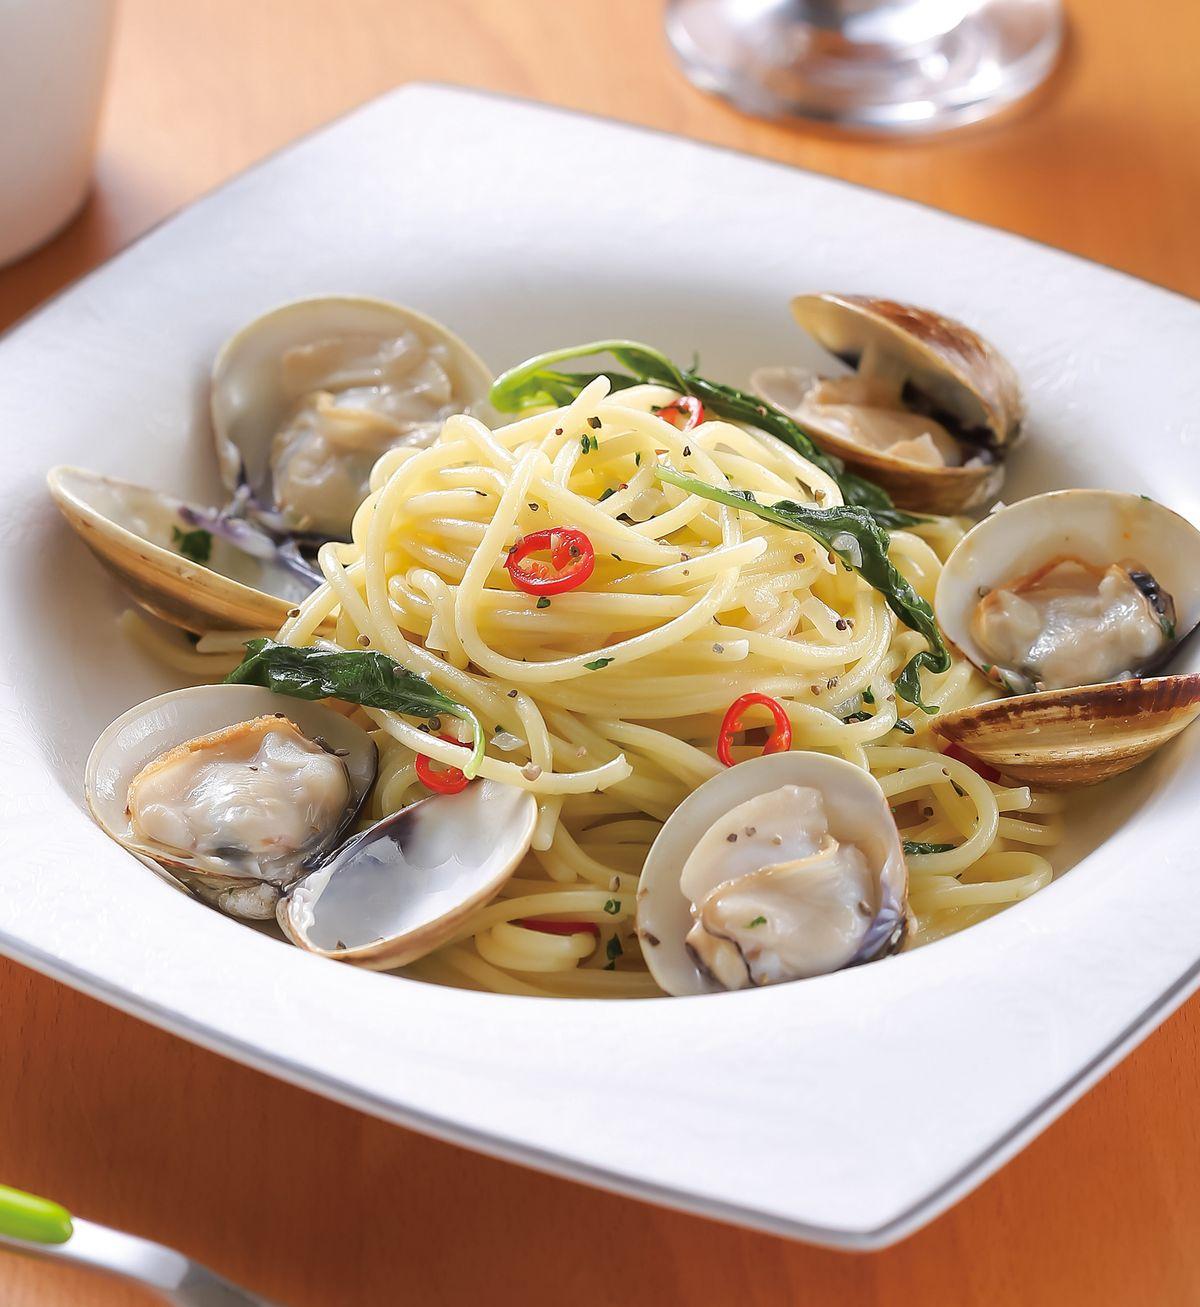 食譜:白酒蛤蜊義大利麵